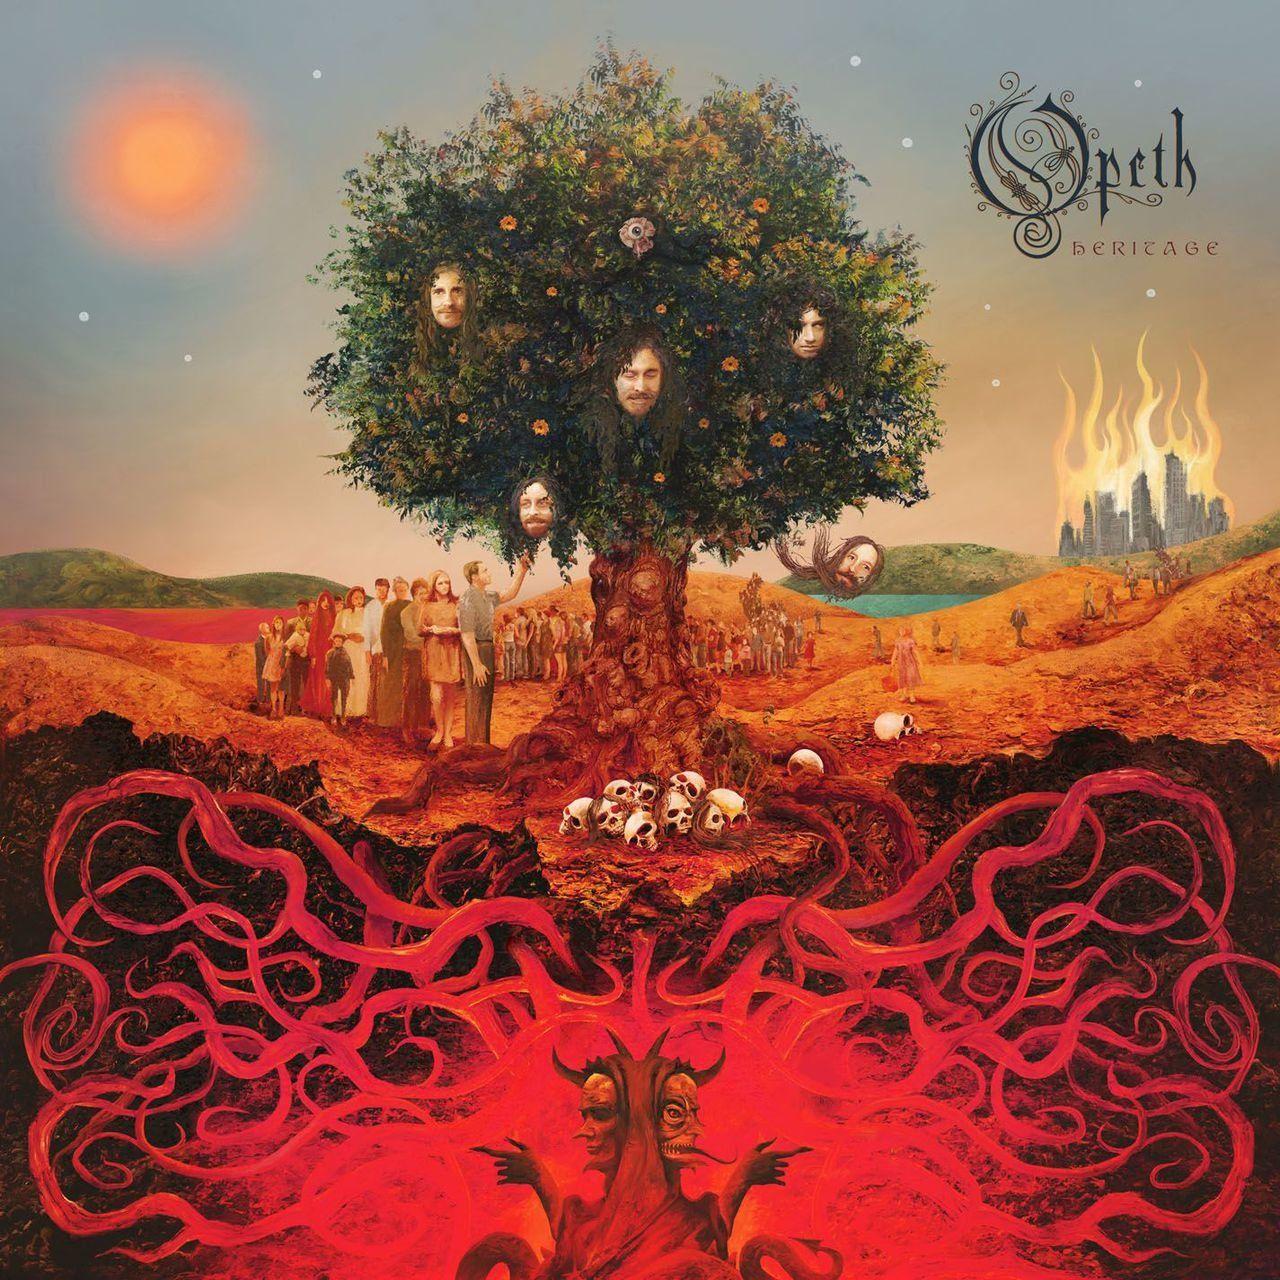 Opeth Heritage Album Cover Art Music Album Covers Album Art